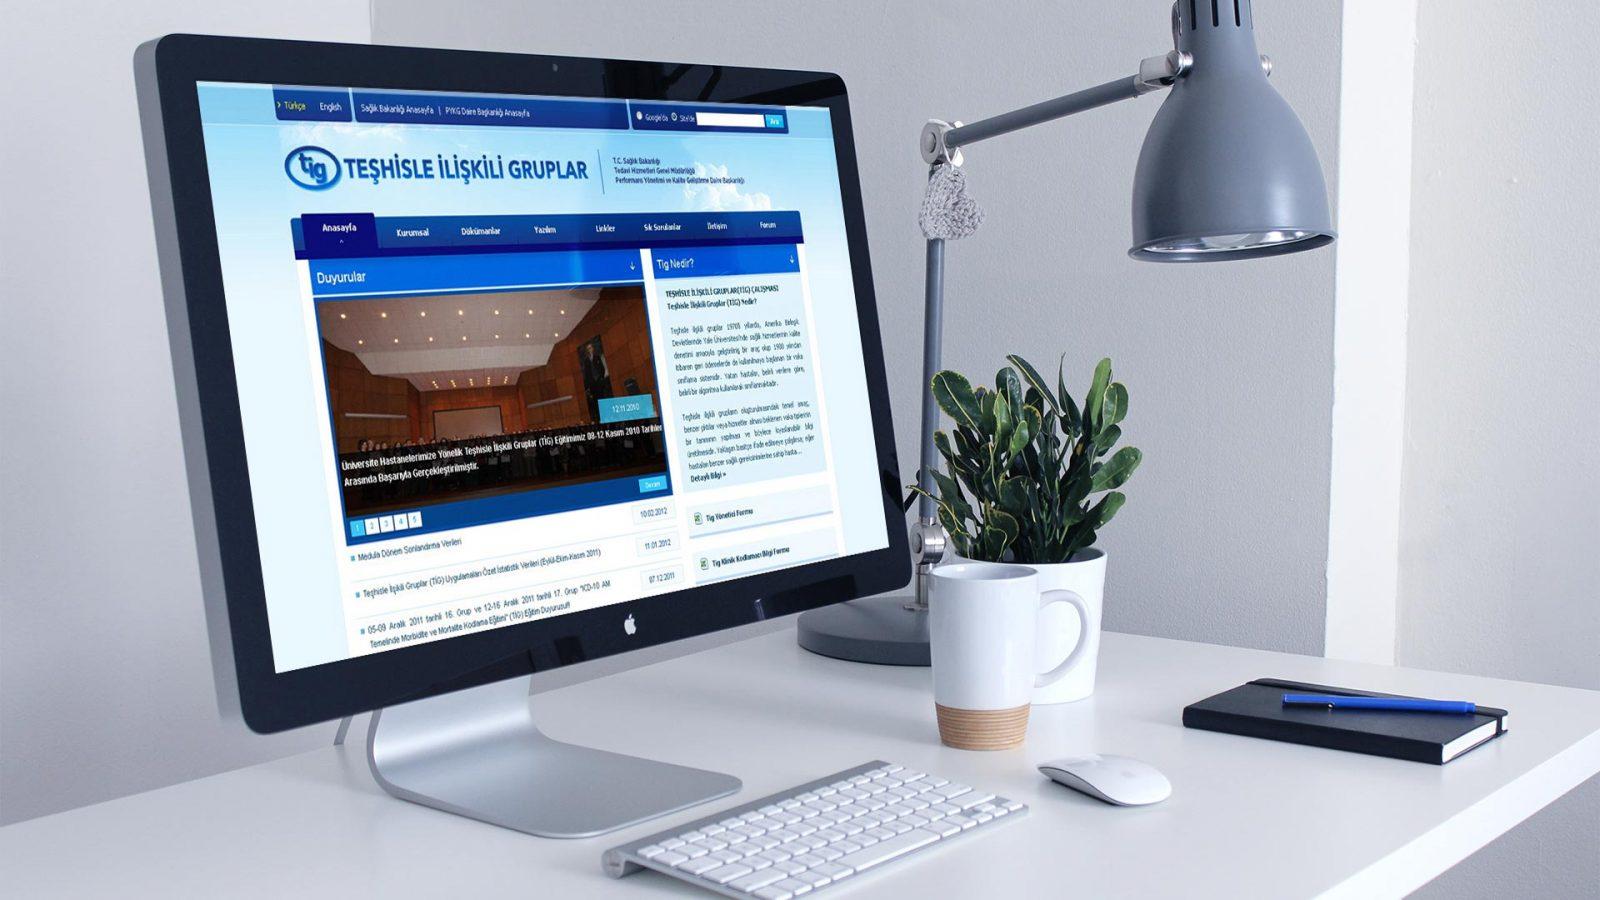 tig web sitesi tasarımı 03